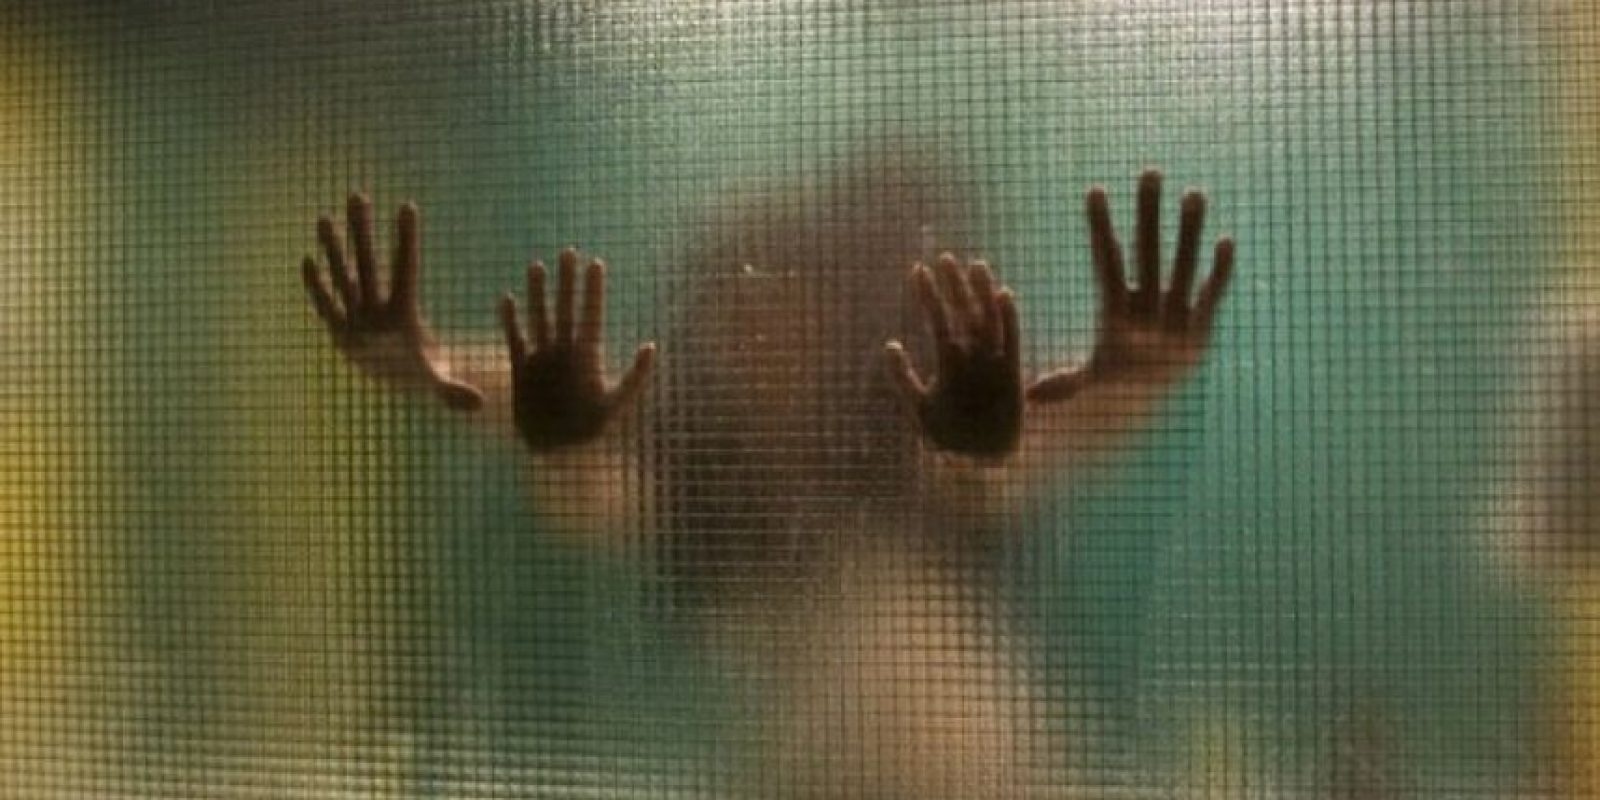 Estos altos niveles de testosterona provocan que, según explica Ashley Grossman (profesora de neuroendocrinología en el Hospitál San Bartolomé de Londres), la mayoría de los hombres se levanten con erecciones matutinas. Foto:Getty Images